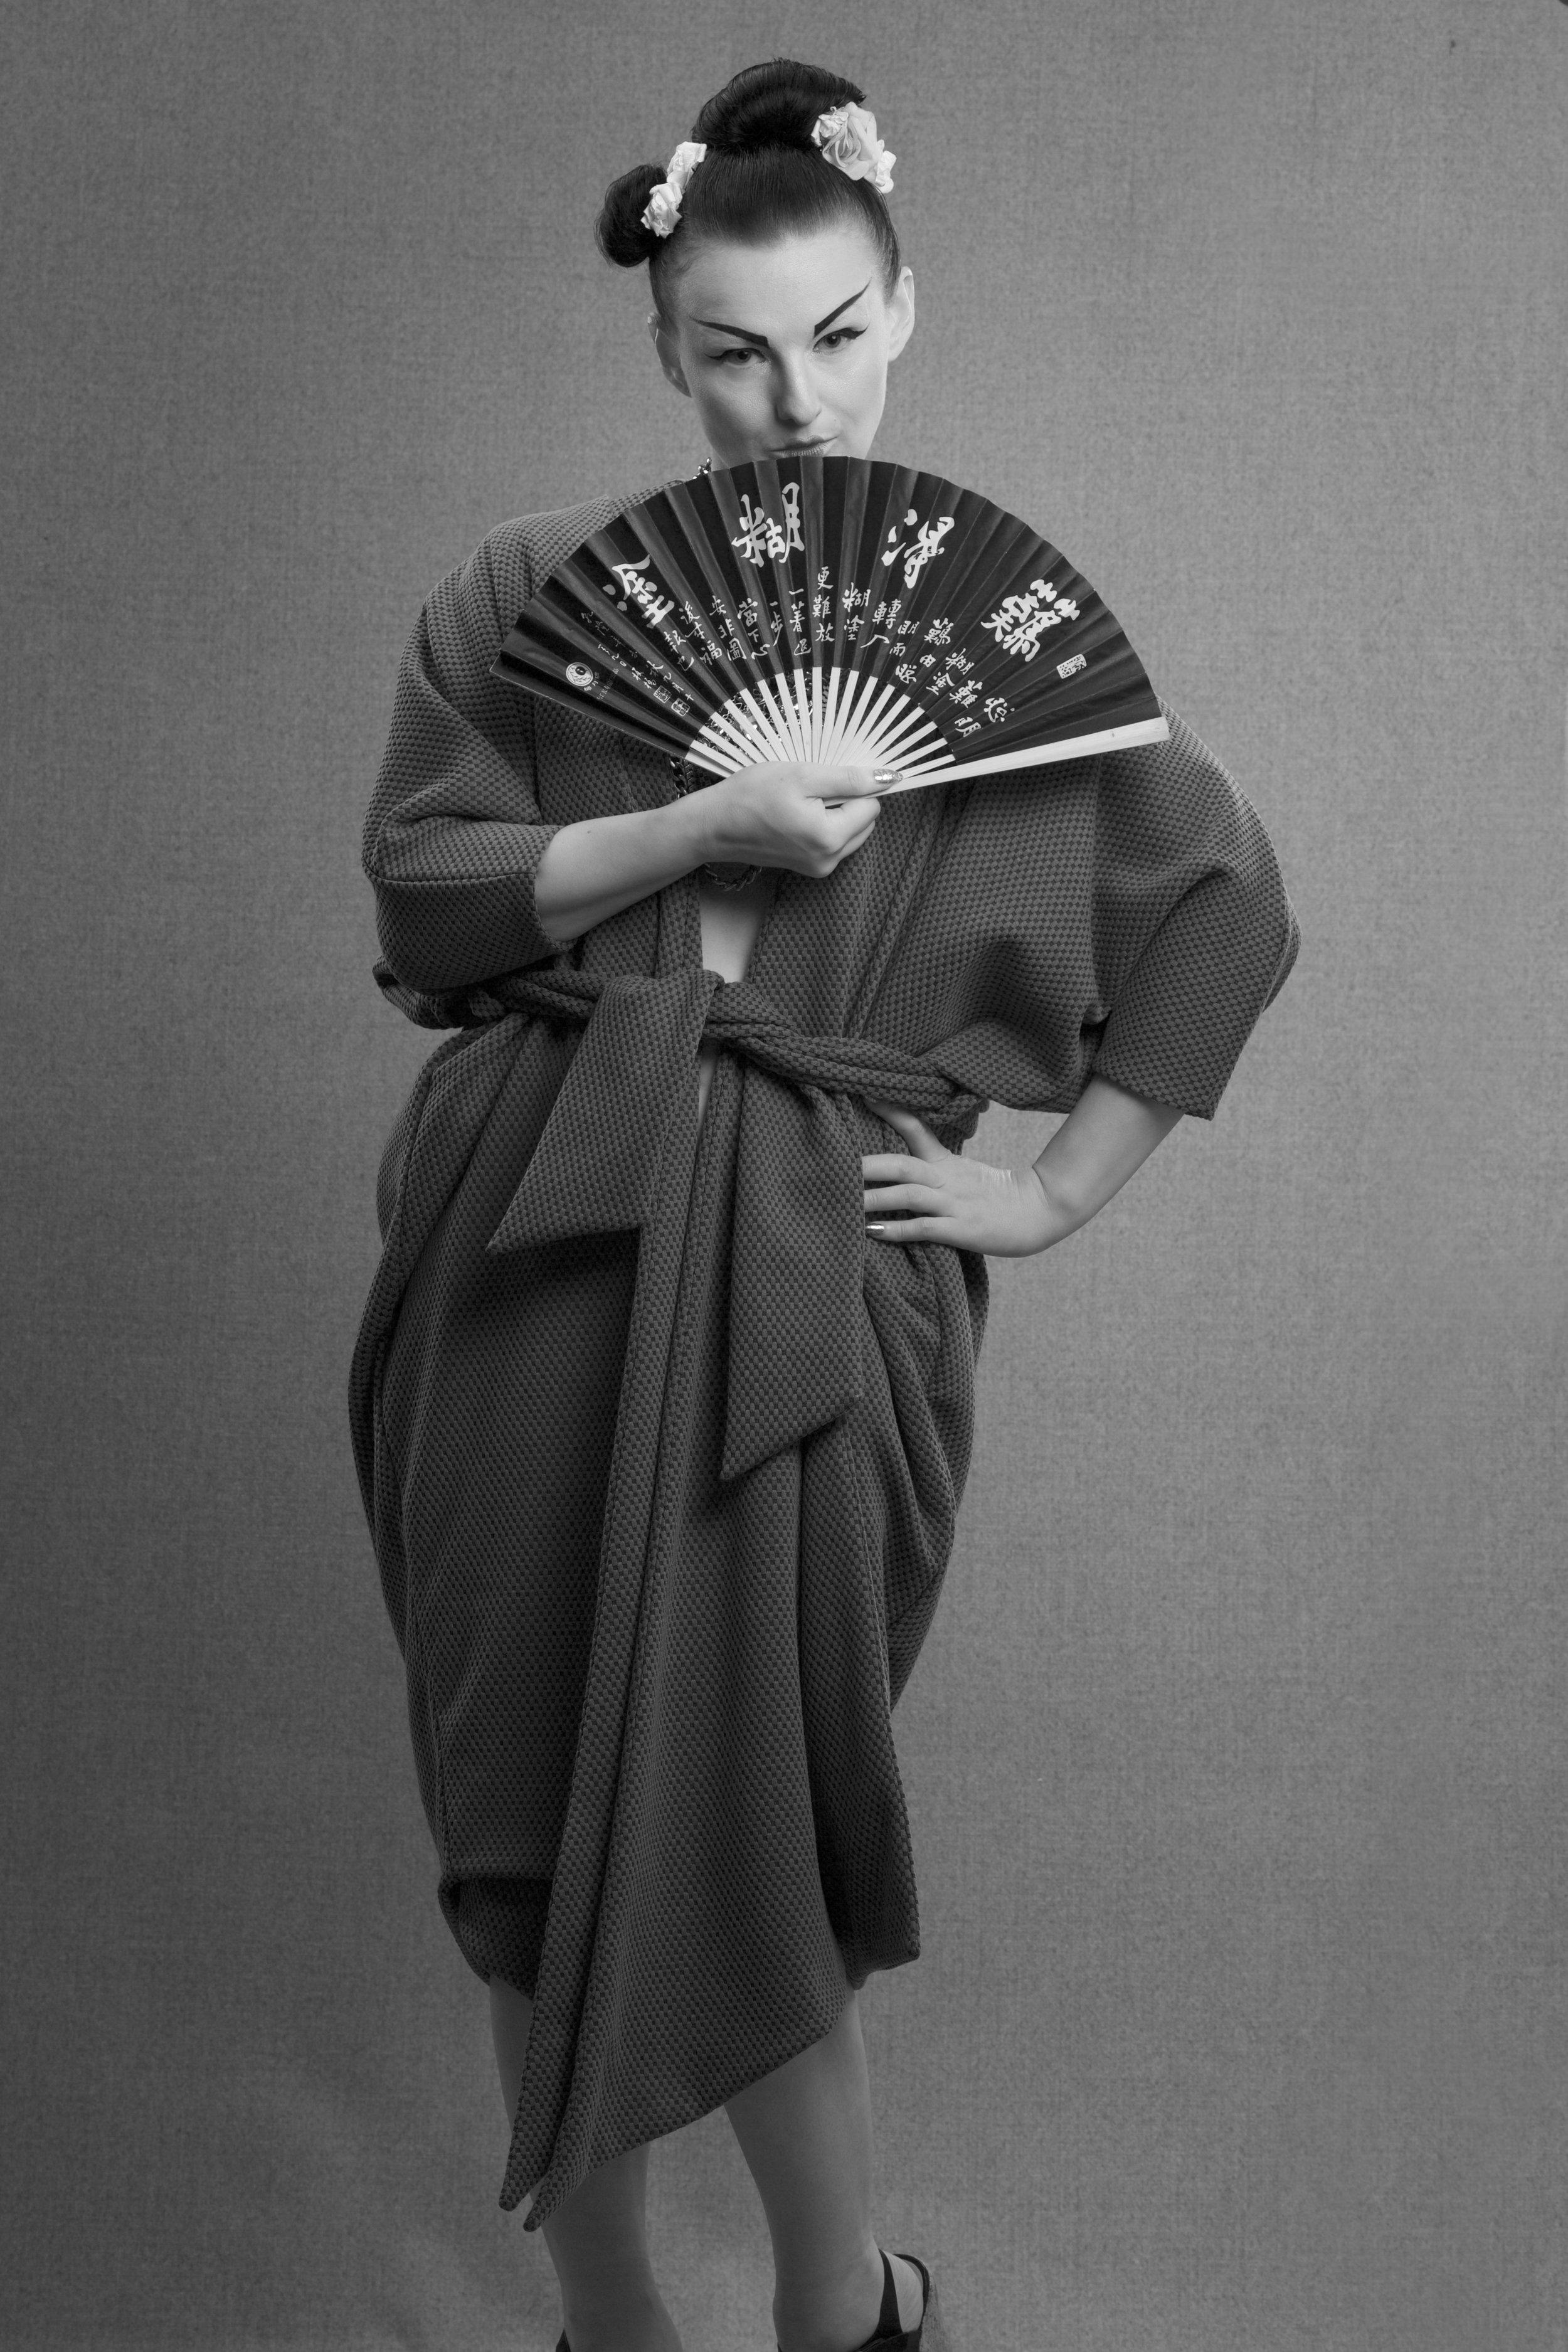 zaramia-ava-zaramiaava-leeds-fashion-designer-ethical-sustainable-grey-drape-ayame-jacket-noa-geshia-black-white-2